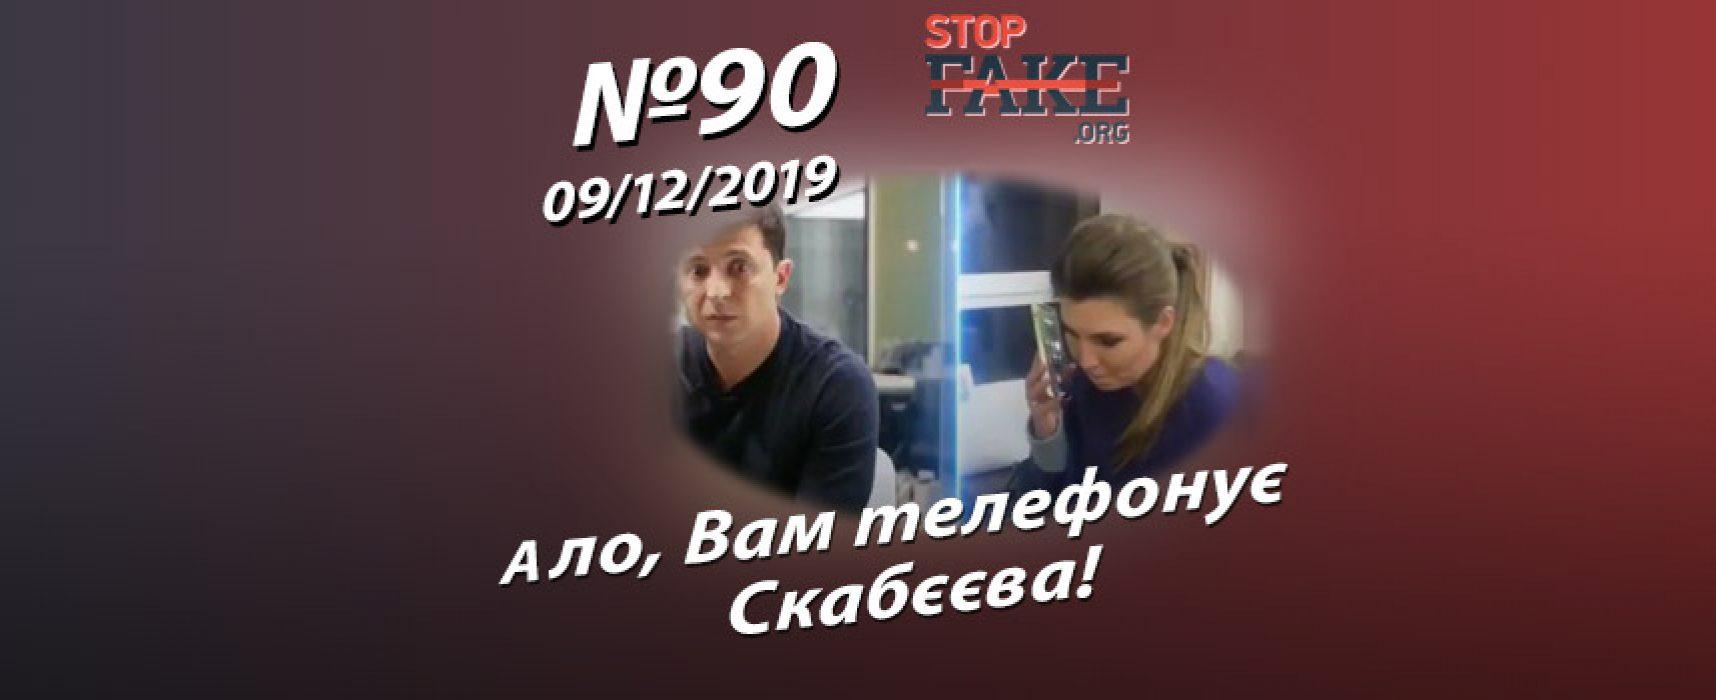 Ало, Вам телефонує Скабєєва! – StopFake.org